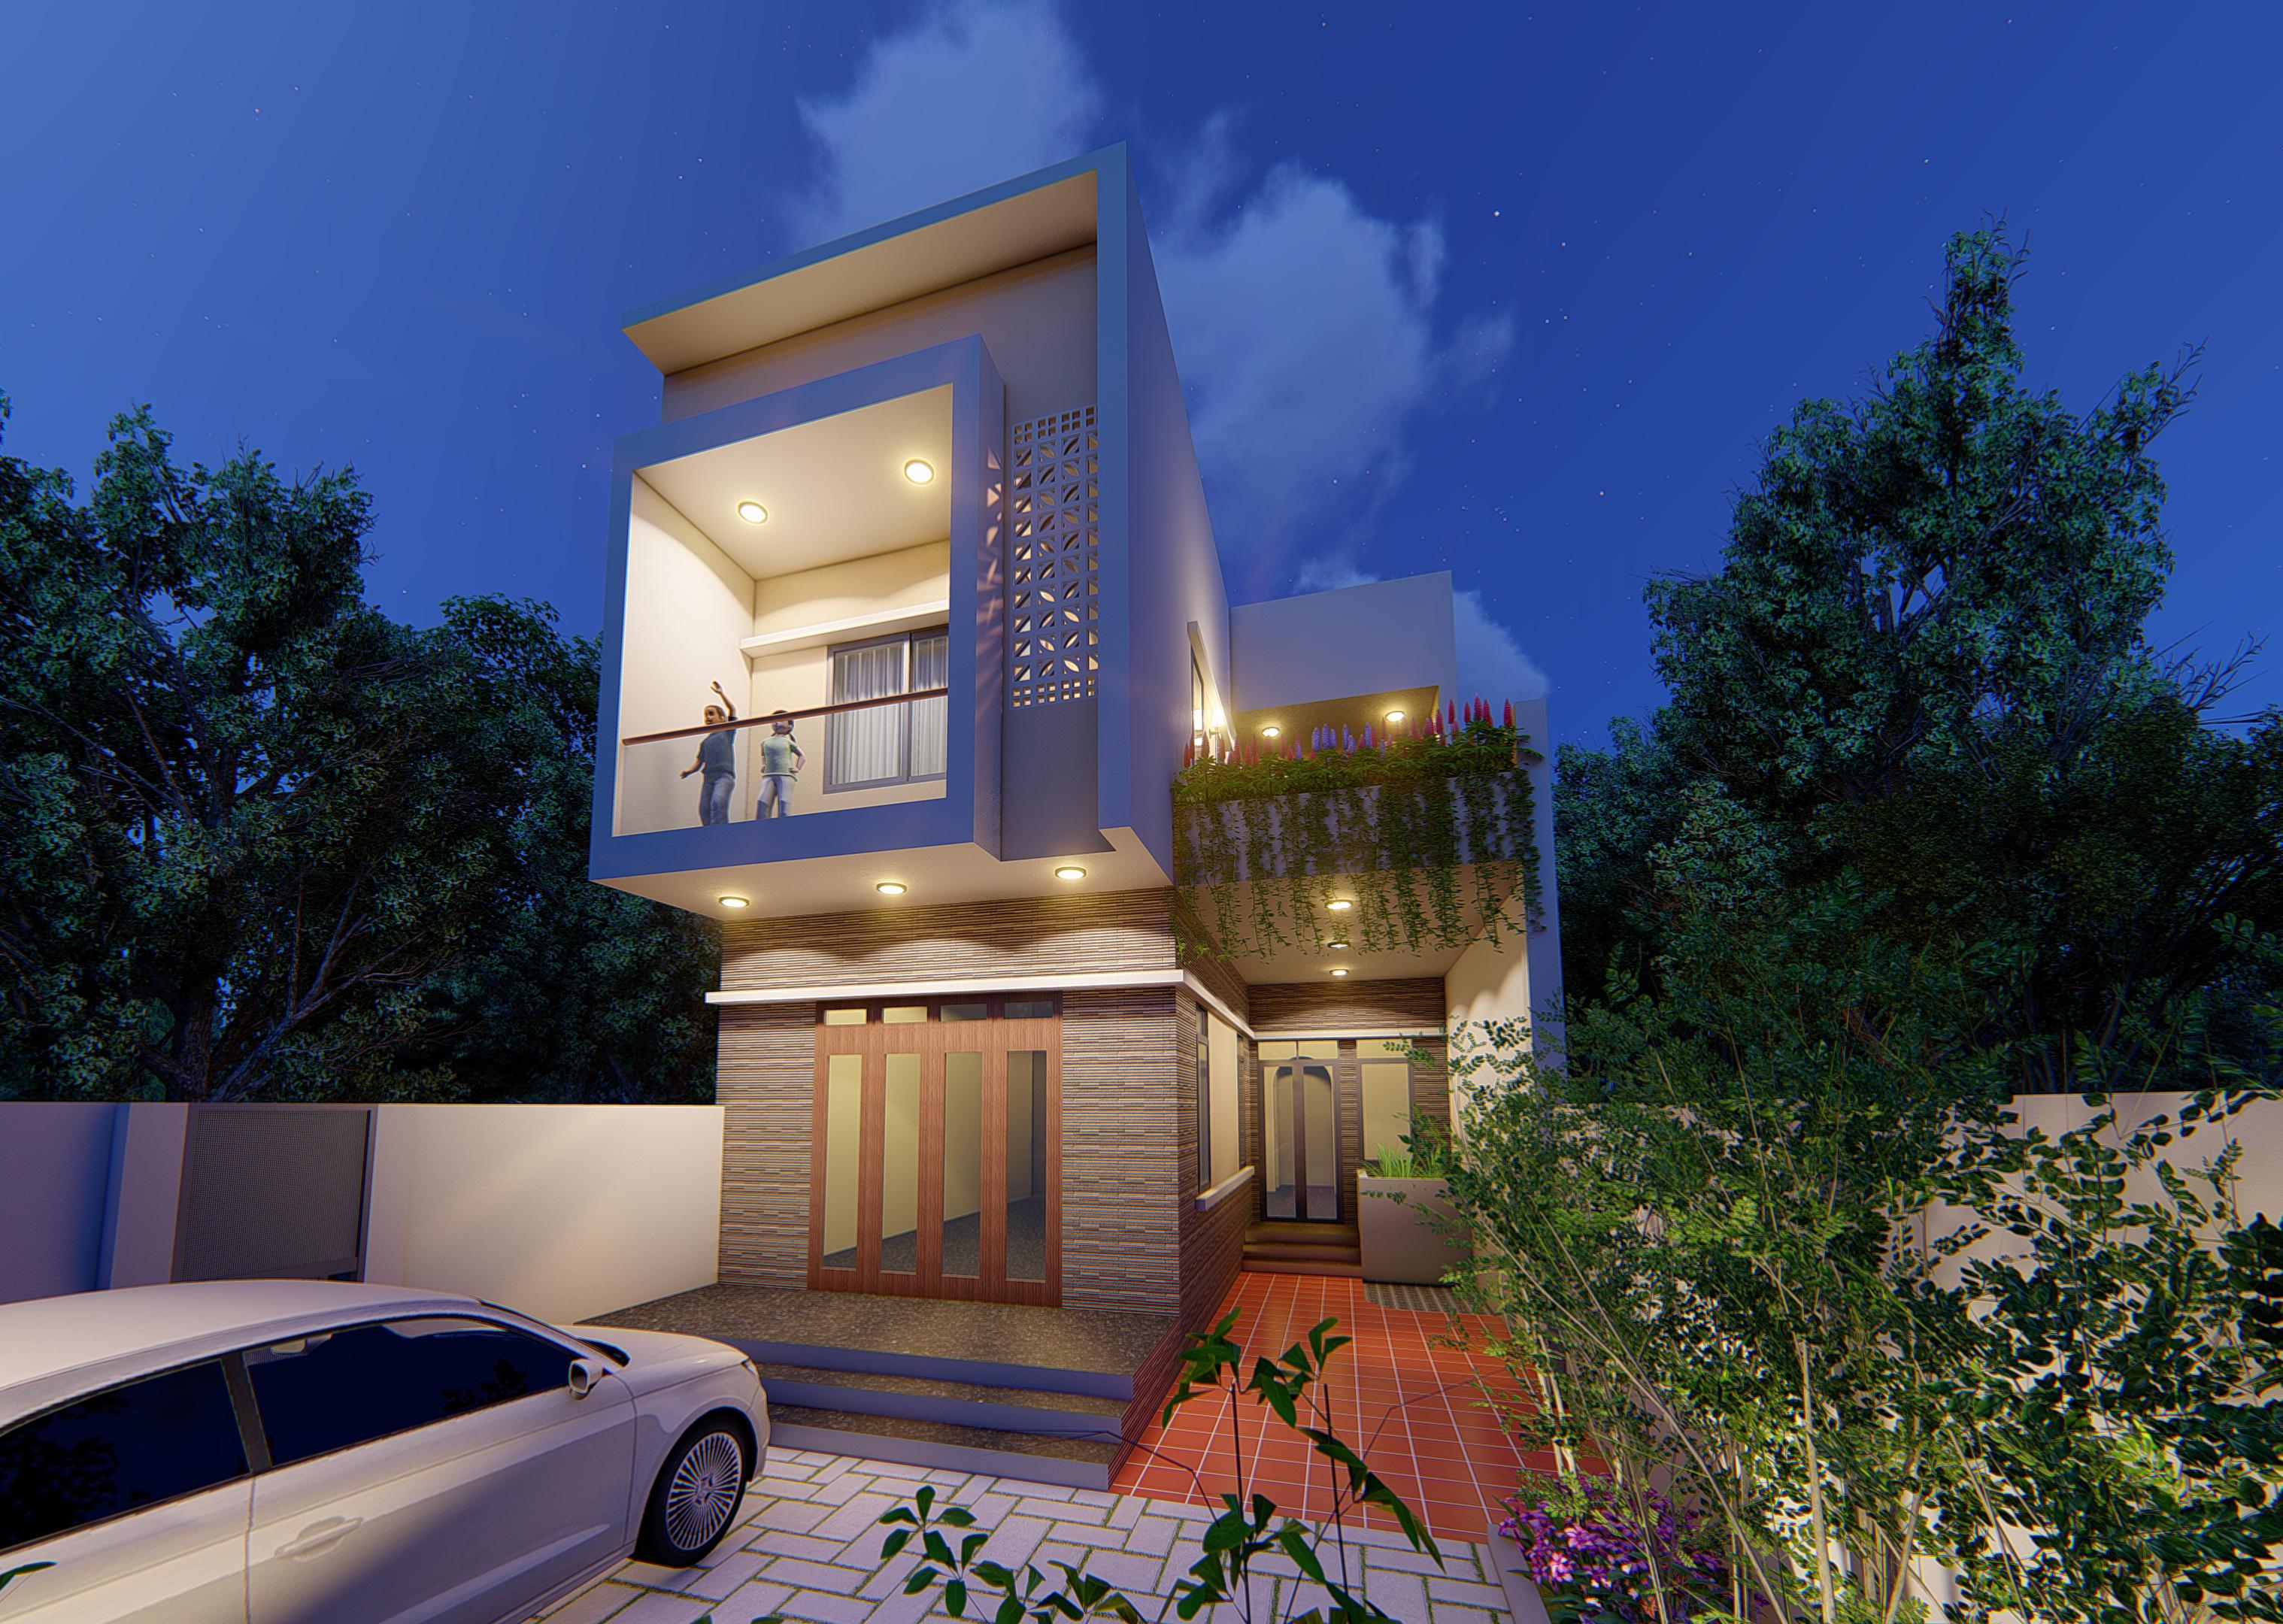 thiết kế Nhà Mặt Phố 2 tầng tại Bắc Ninh Nhà ở Bắc Ninh 1 1540579518